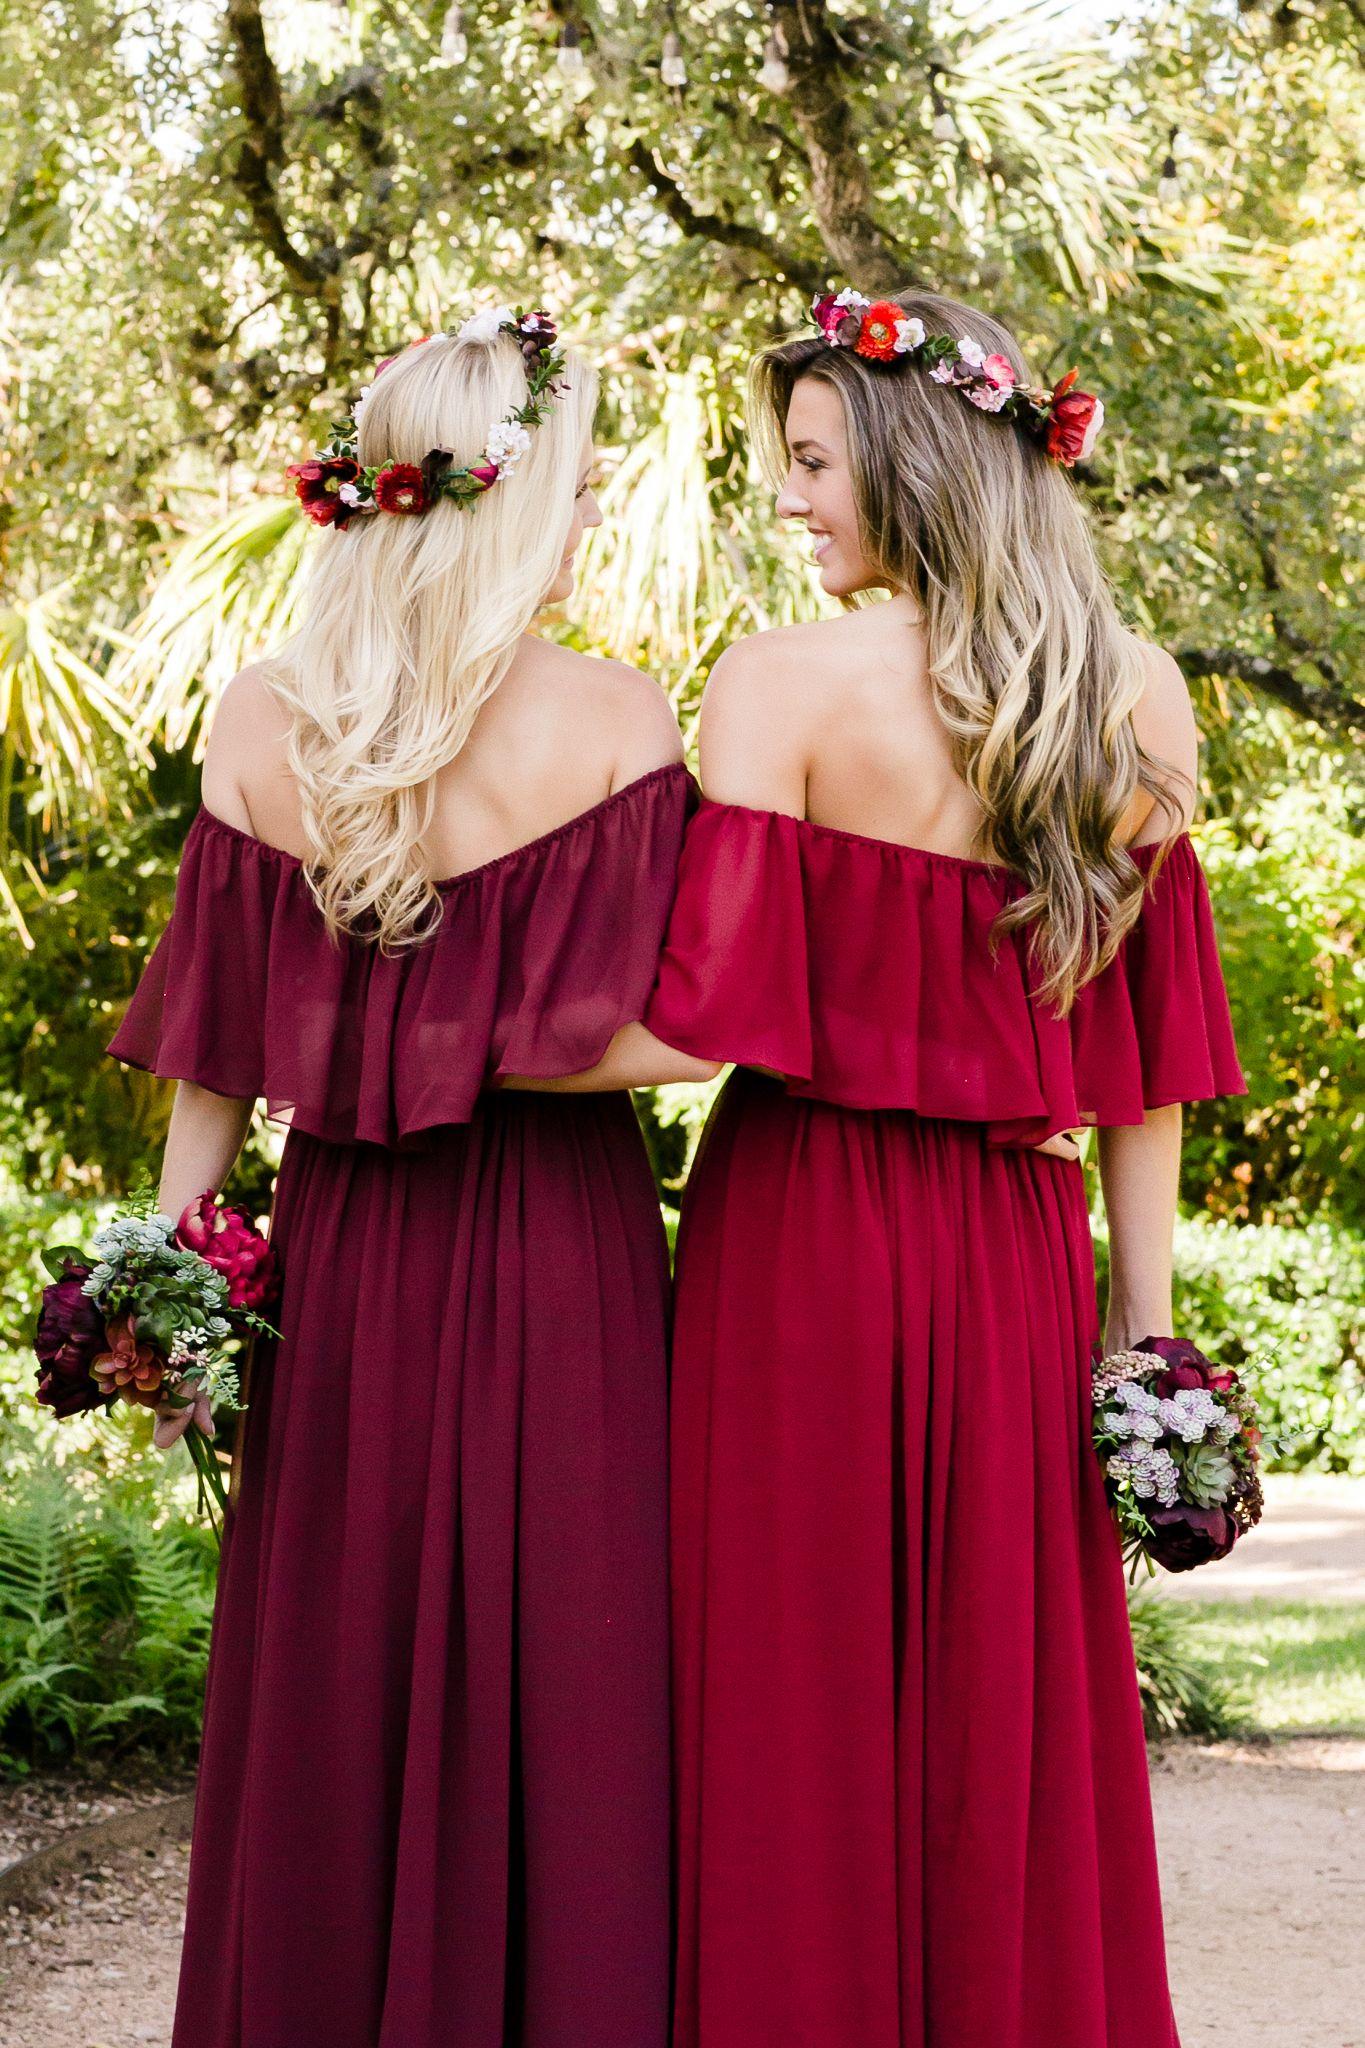 Bohemian Long Sleeves Bridesmaids Dresses Fall Bridesmaid Dresses Winter Bridesmaid Dresses Bohemian Bridesmaid Dress